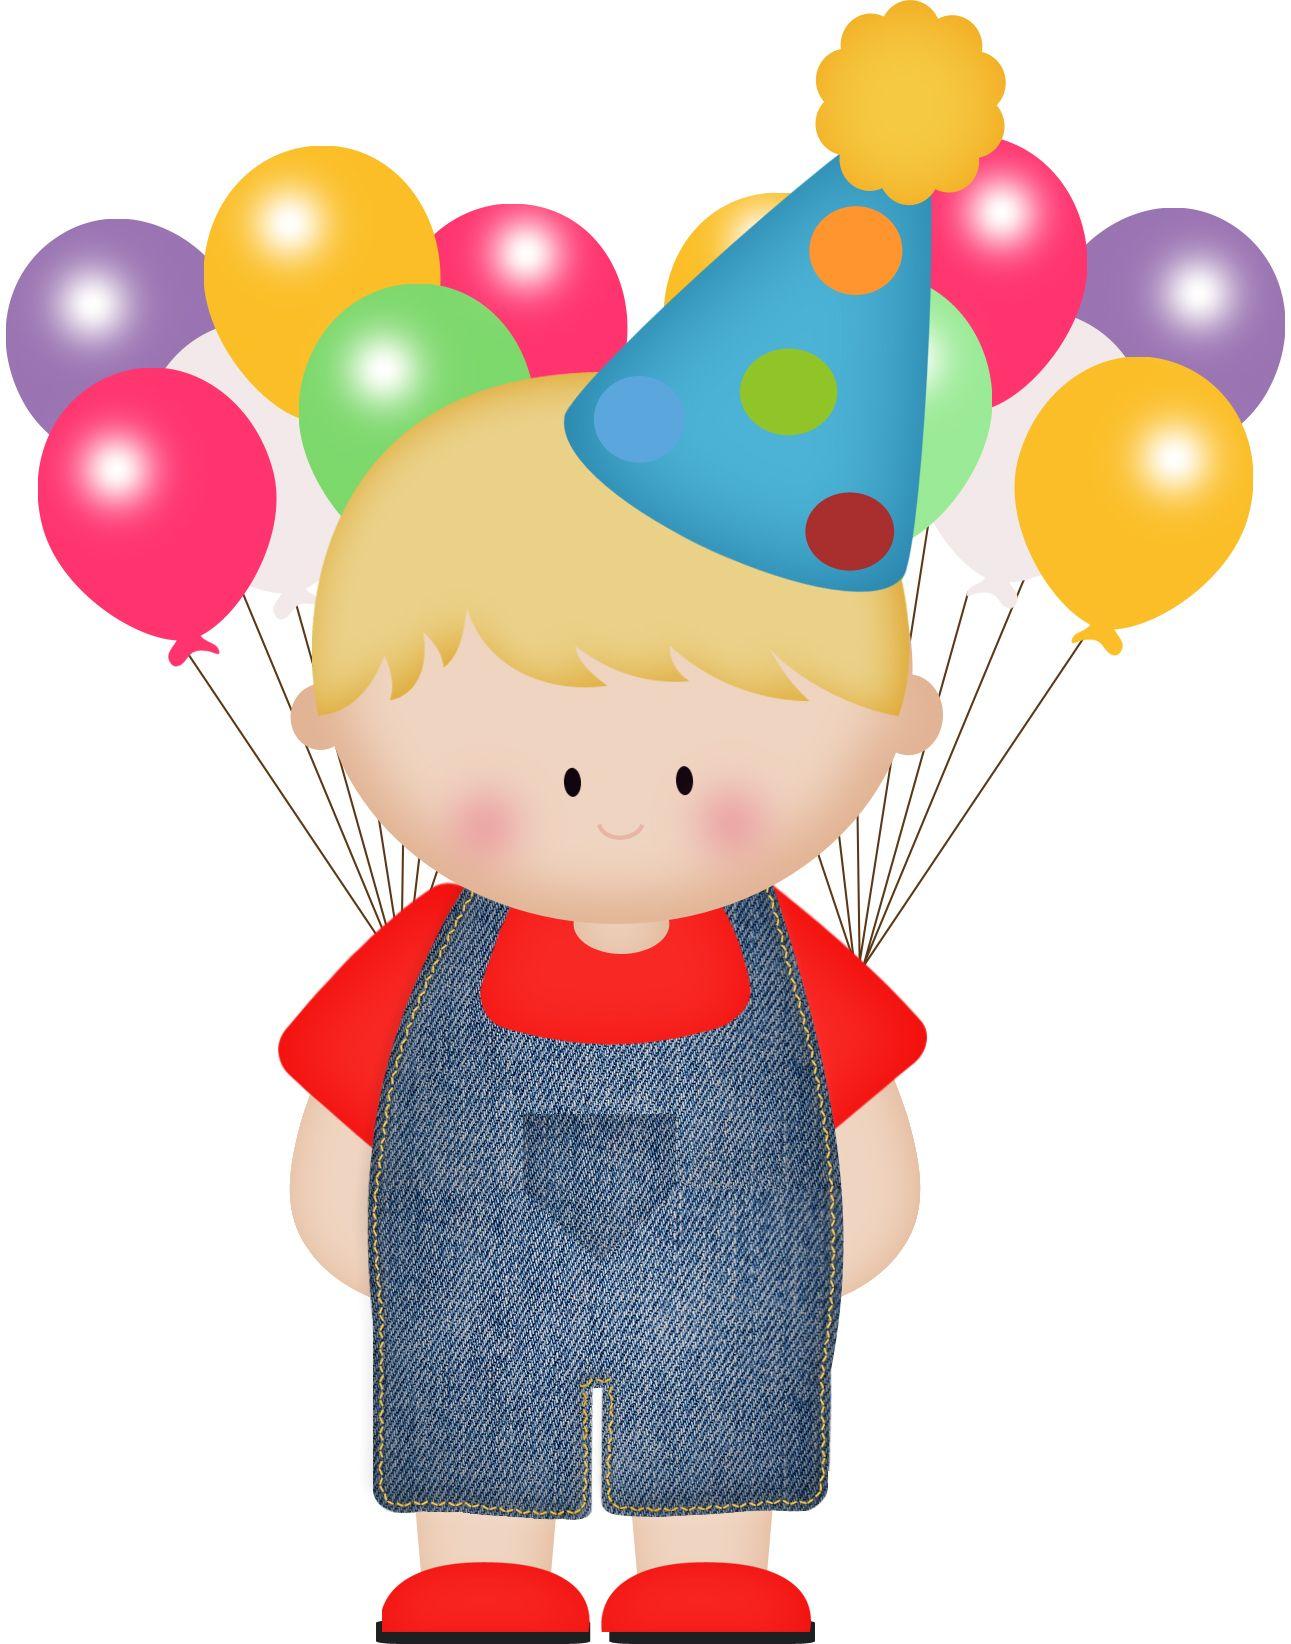 Aniversario clipart clip free stock CLIPART ANIVERSÁRIO   Birthday cheer   Birthday clipart, Birthday ... clip free stock